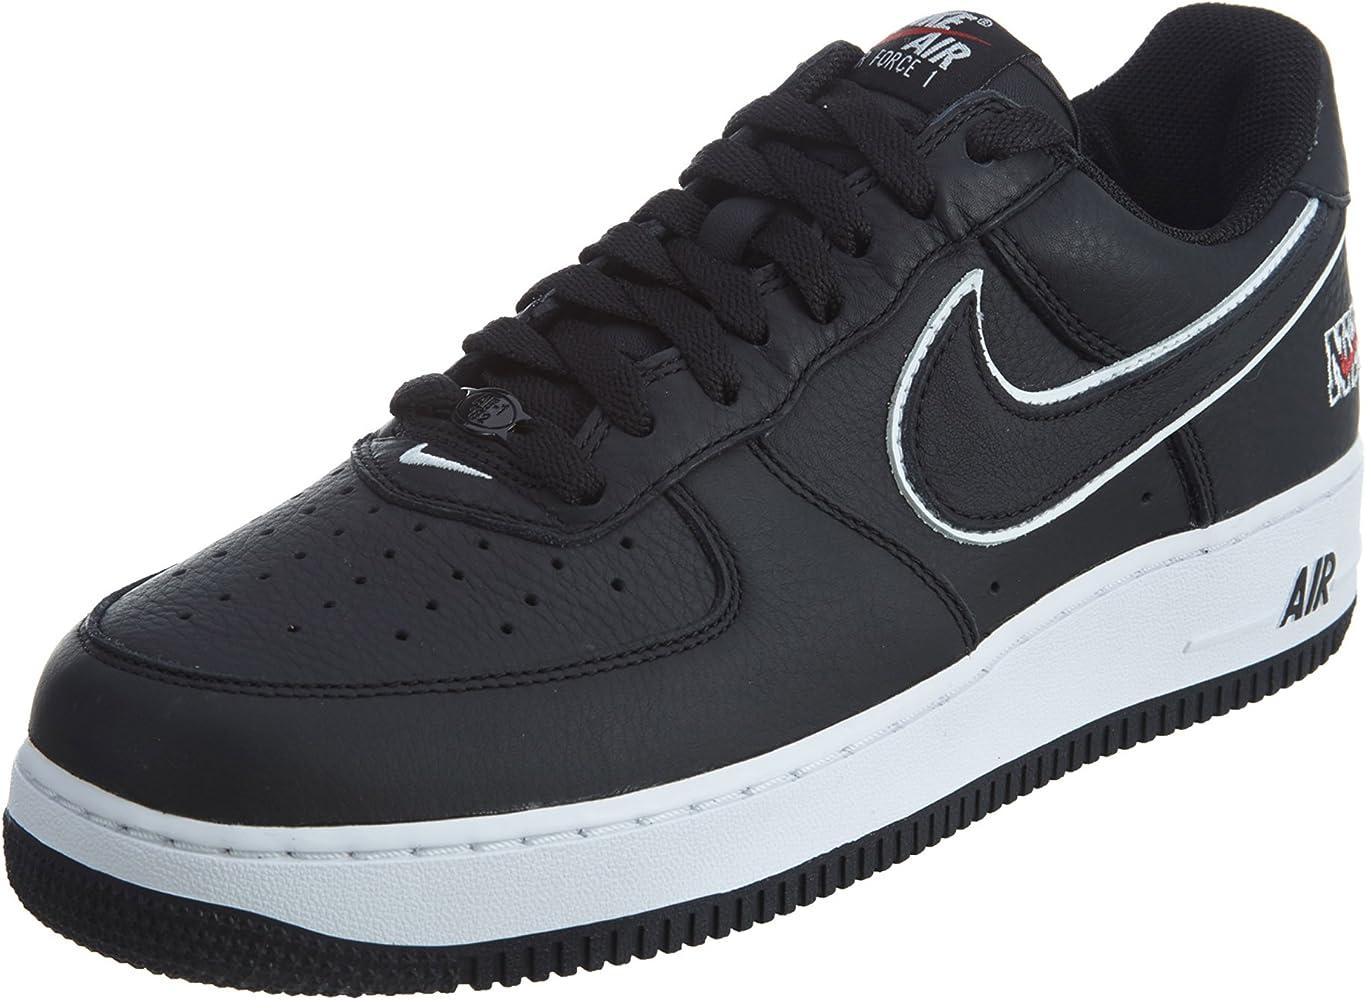 Nike Mens Air Force 1 Retro Low